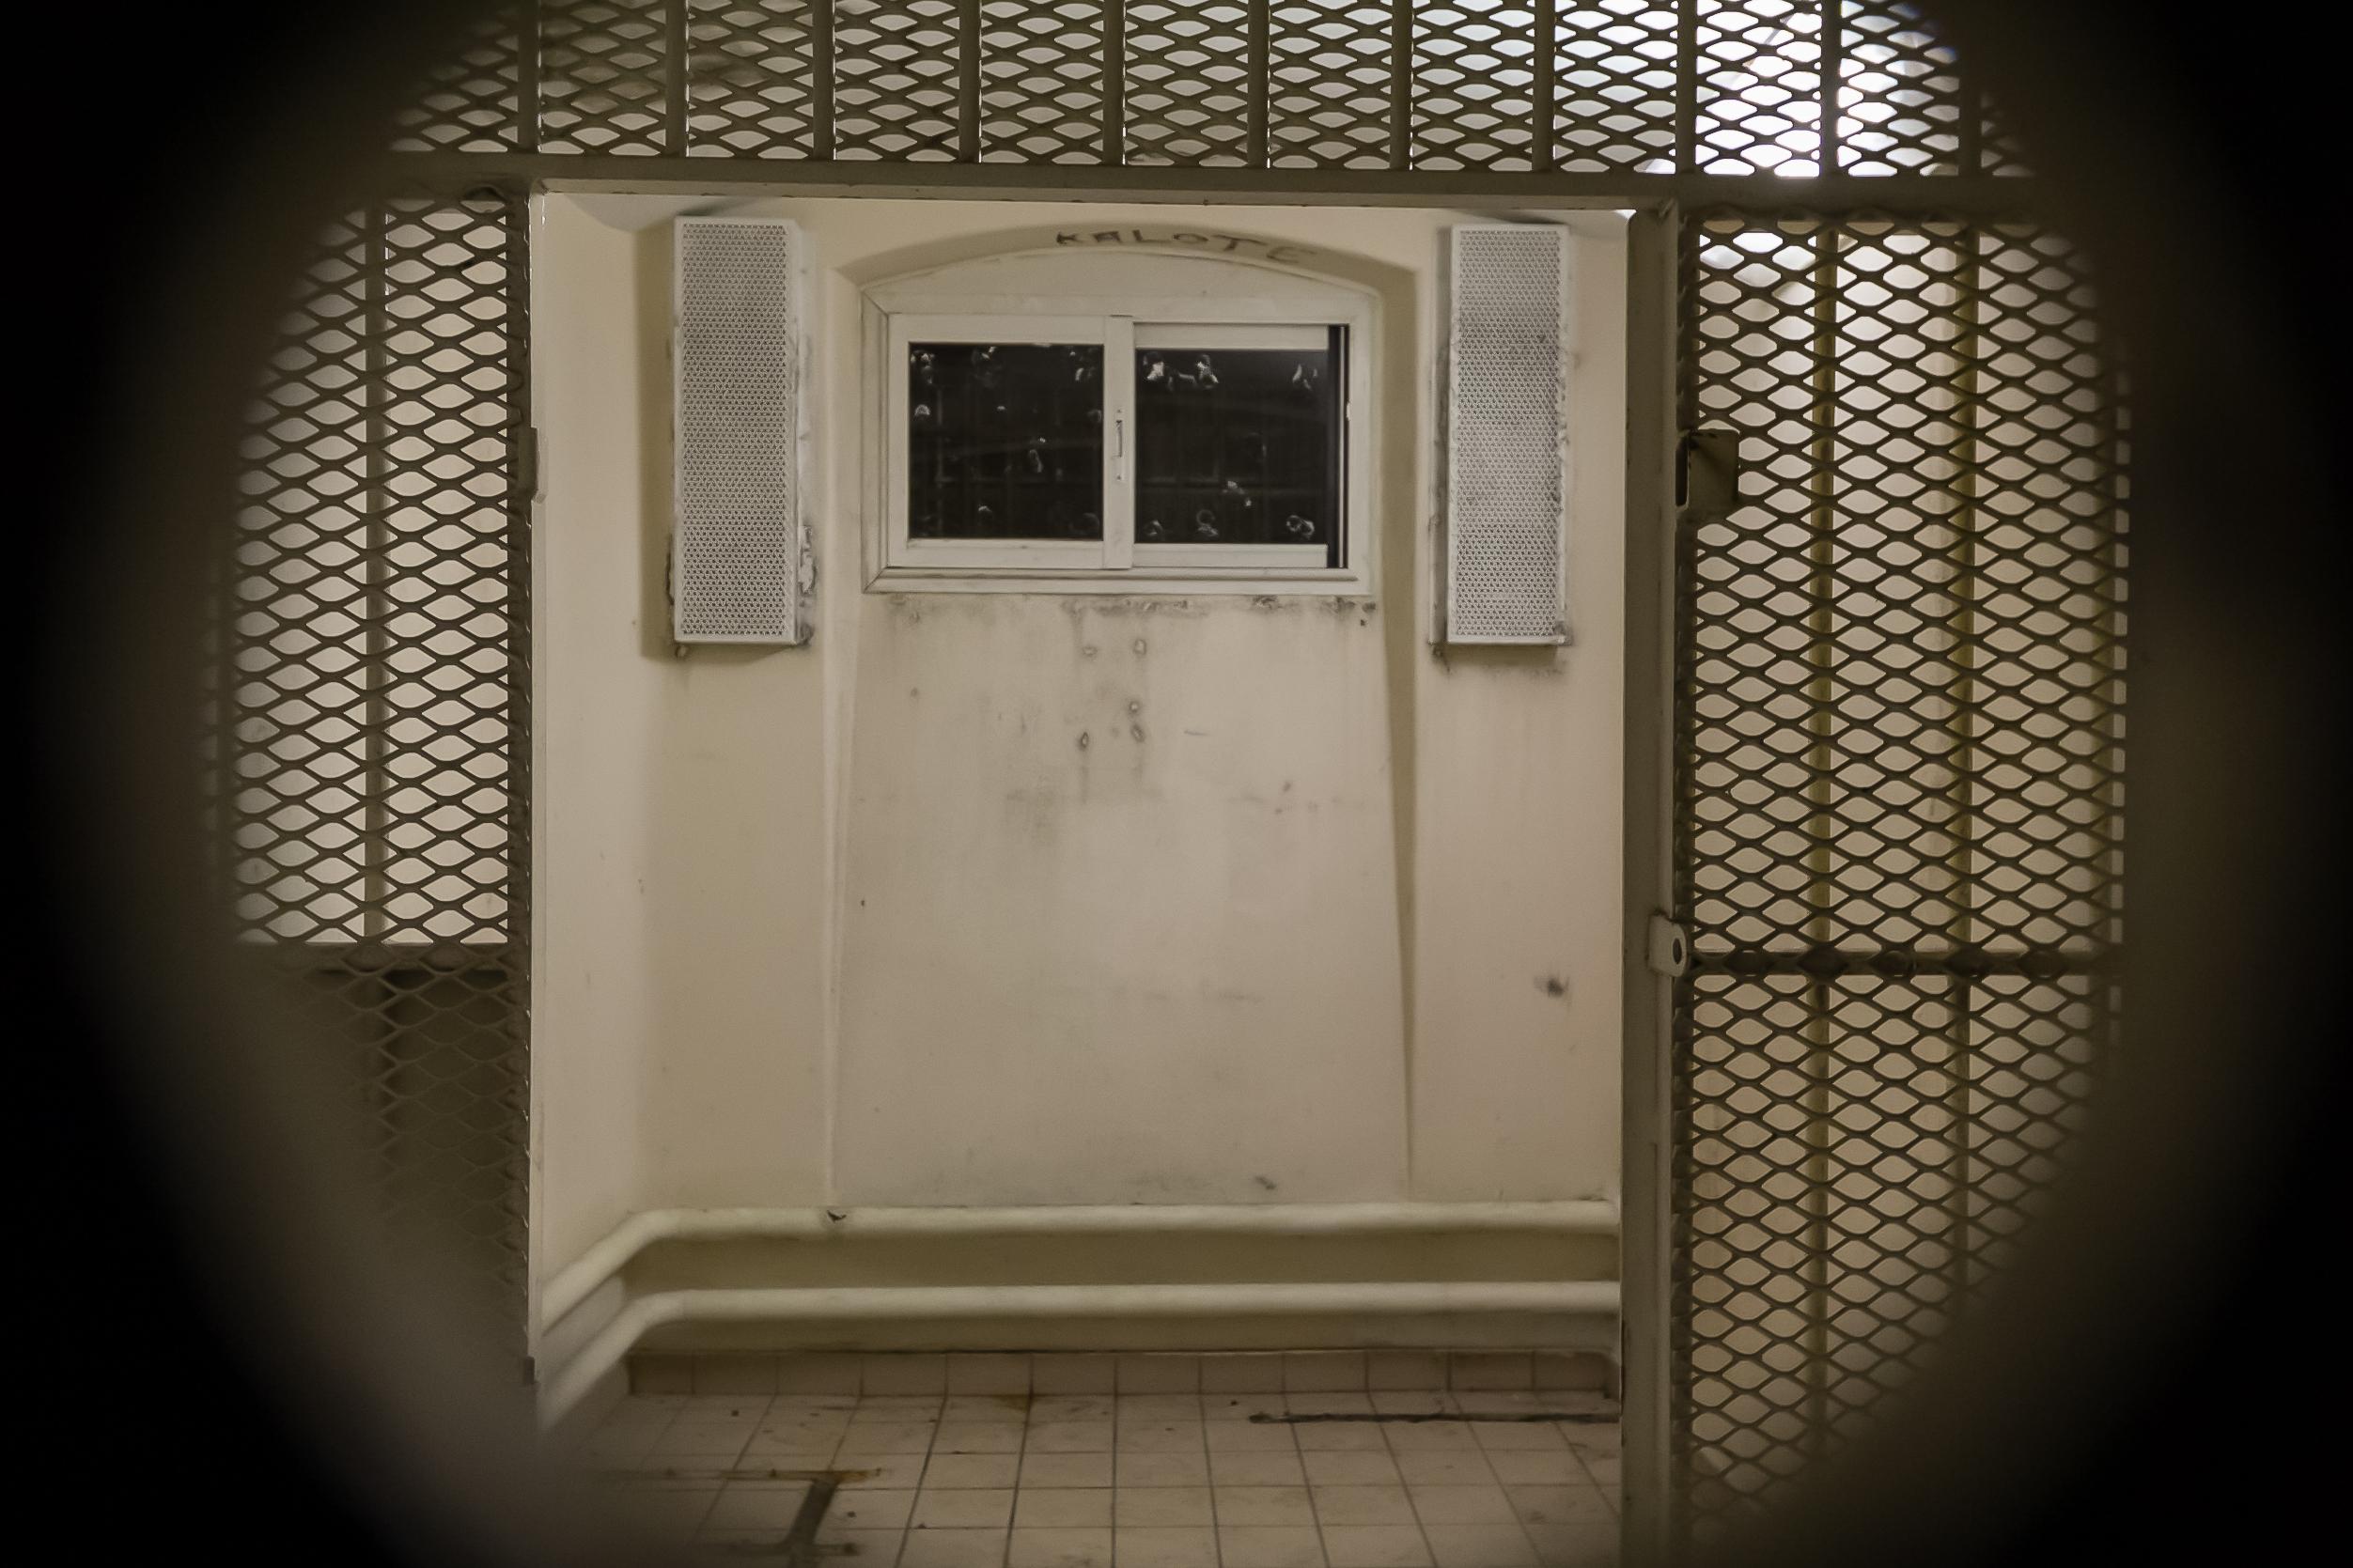 En prison, le quartier disciplinaire pose question